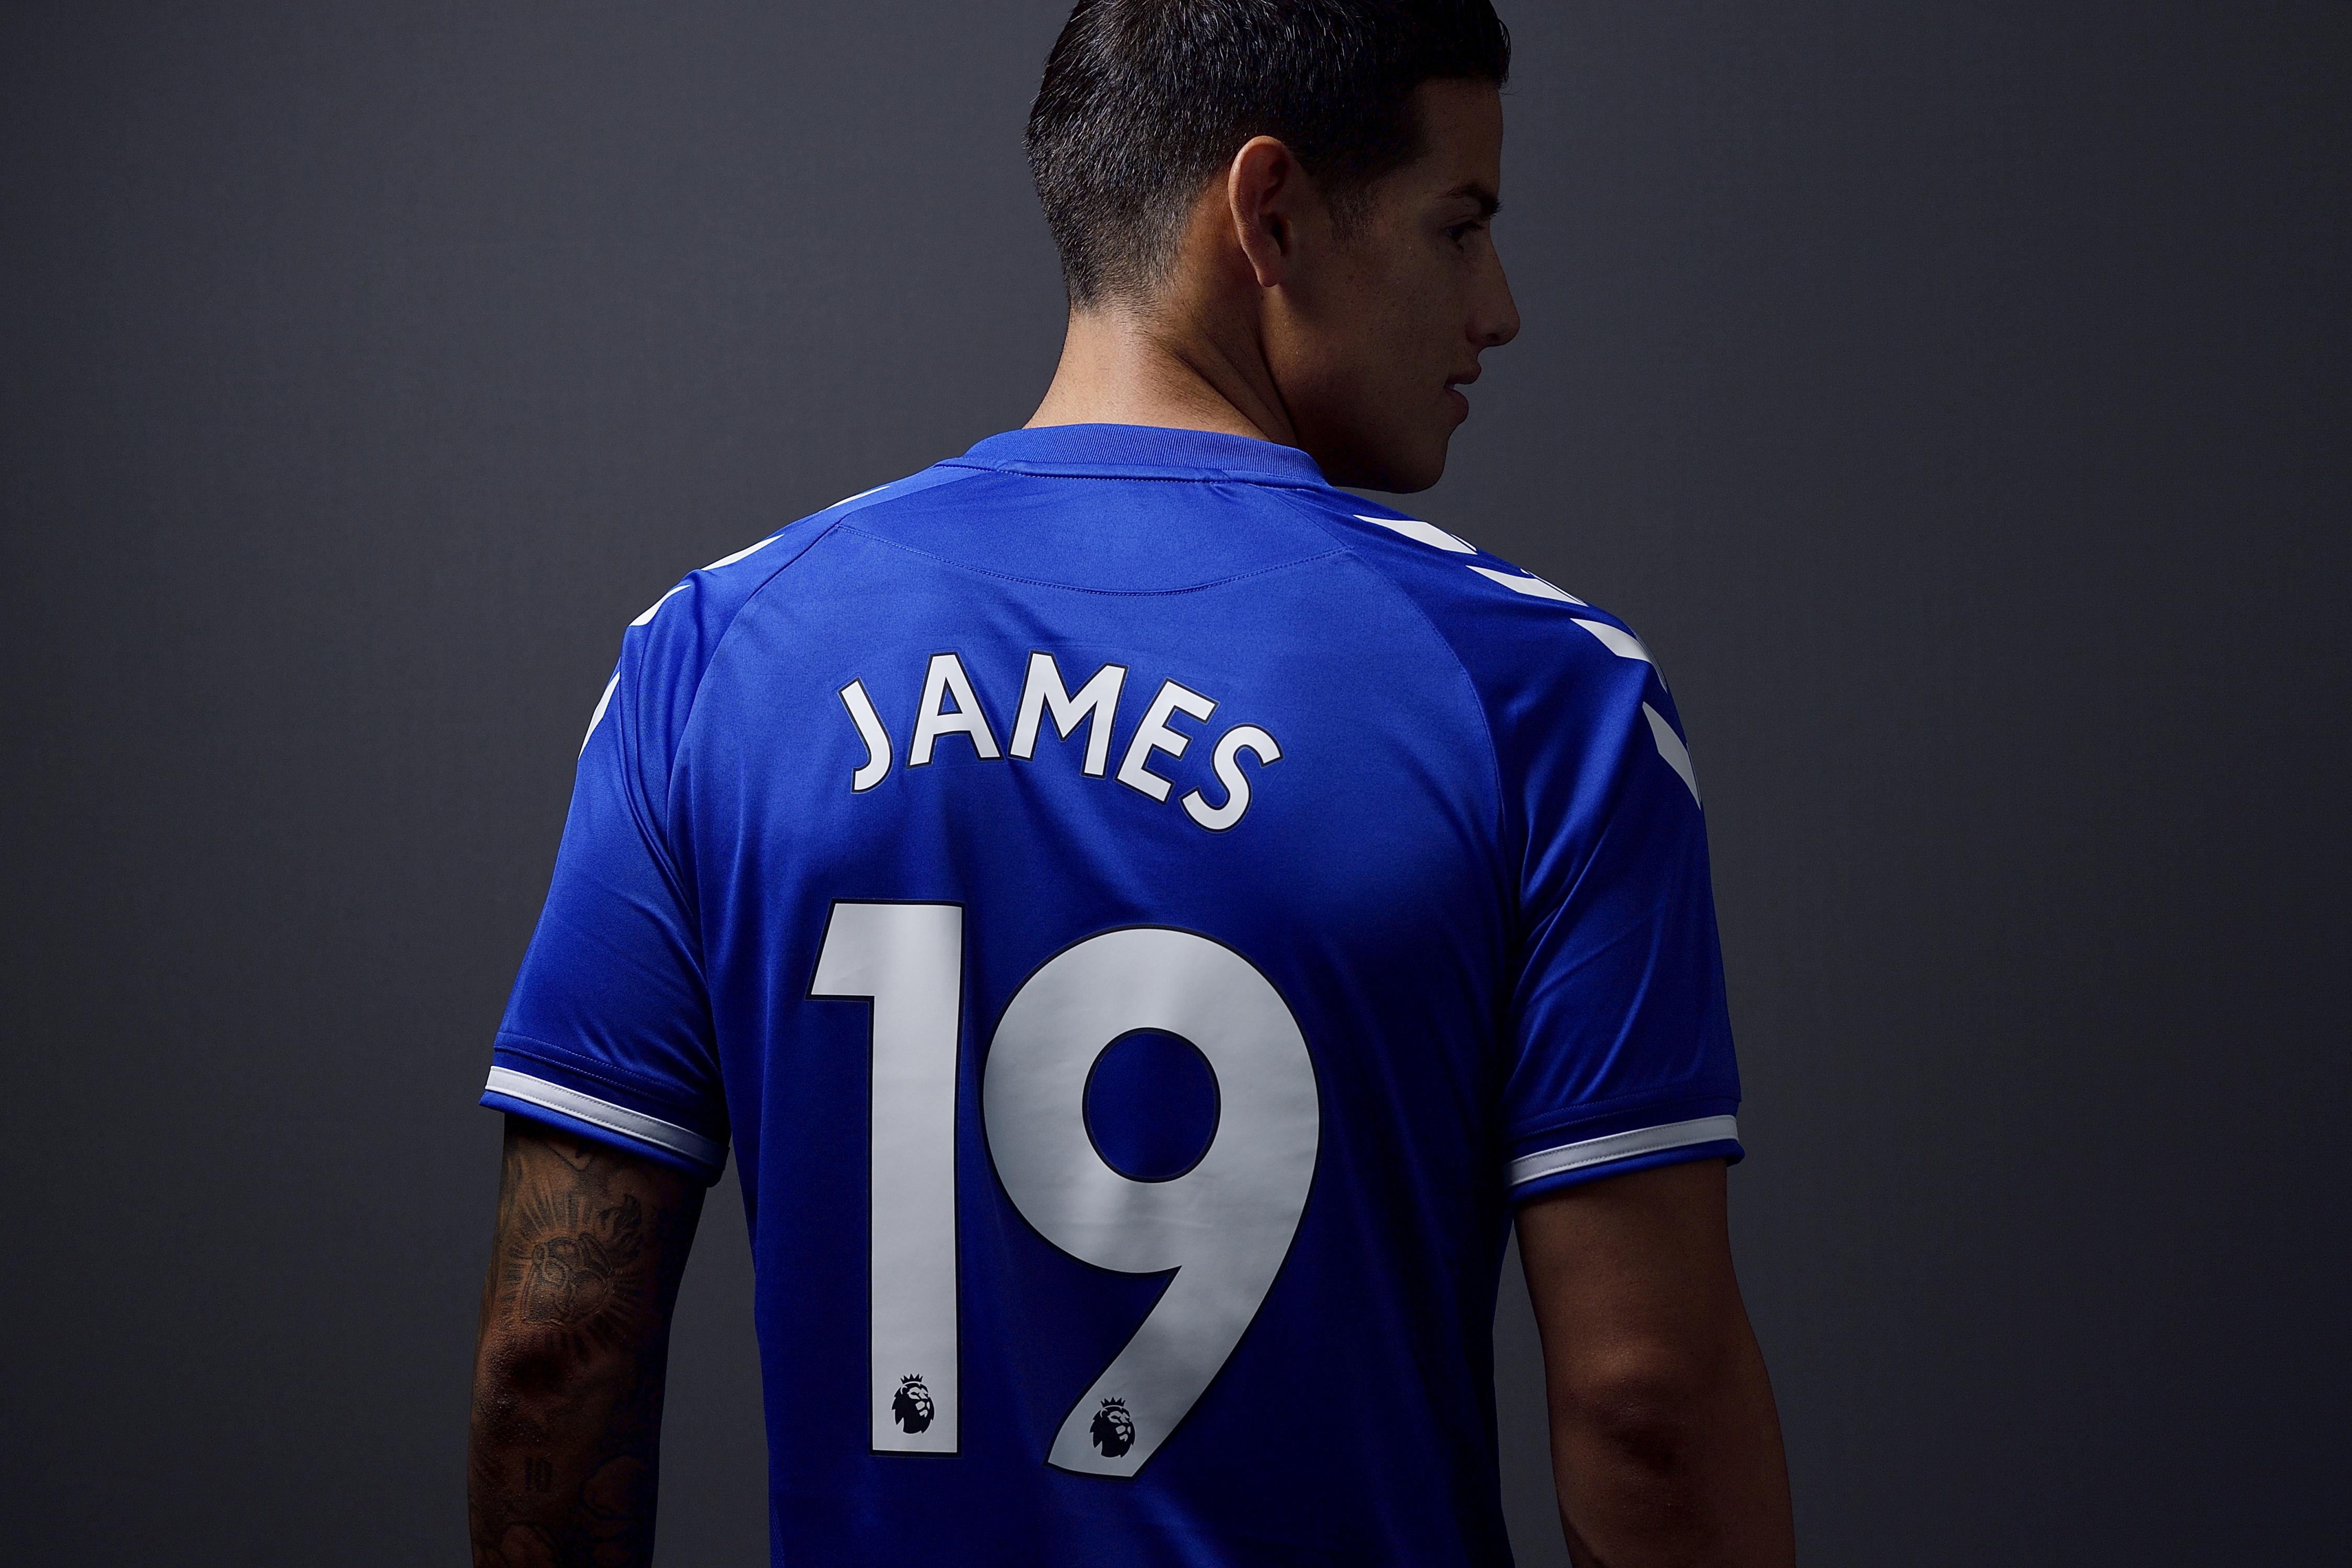 James Everton Shirt Number Confirmed